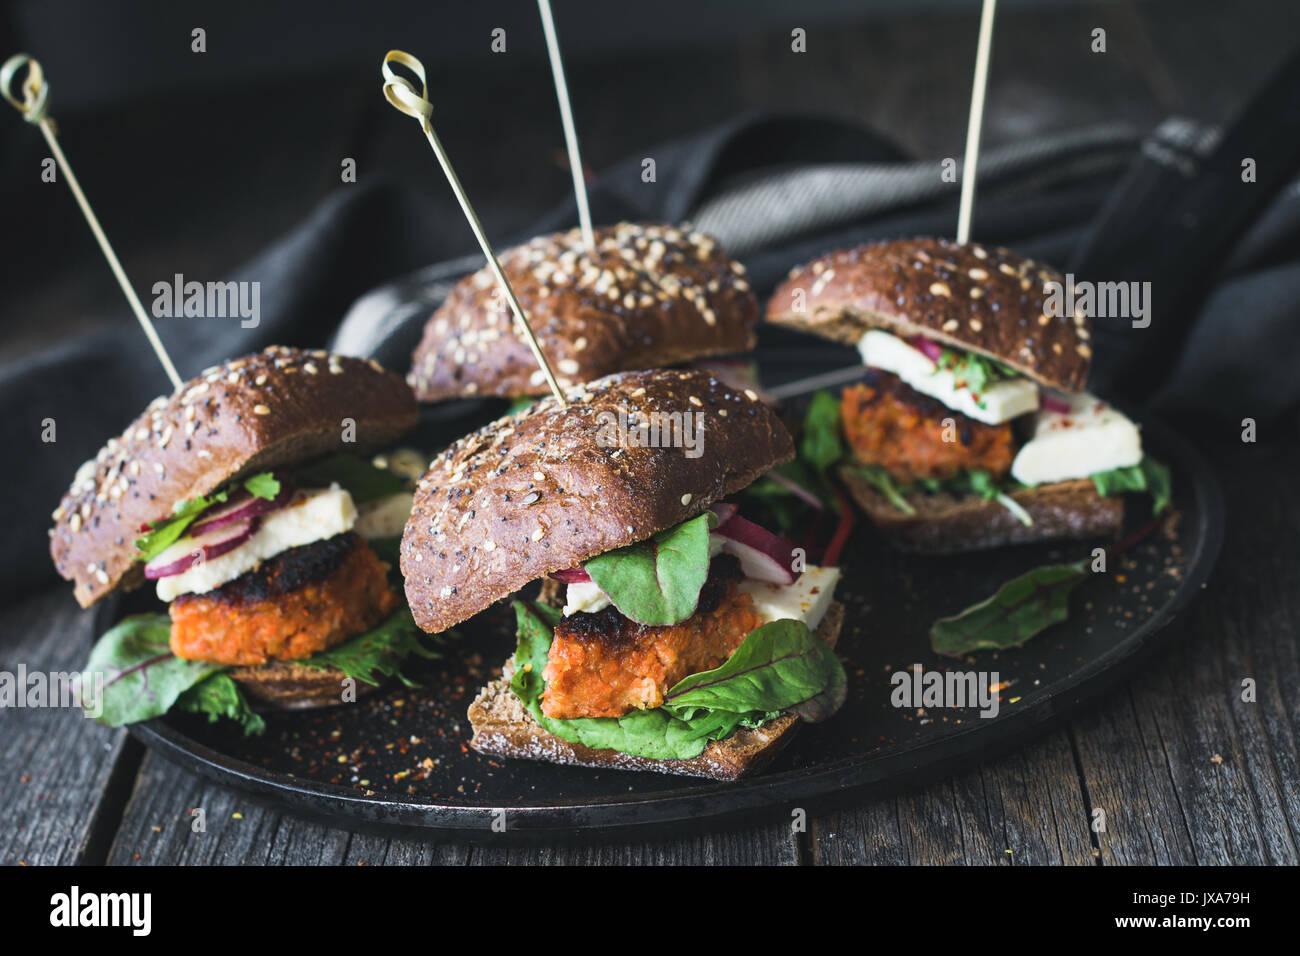 Tofu burger végétarien carottes curseurs servi sur iron skillet. Vue rapprochée, tonique libre Photo Stock